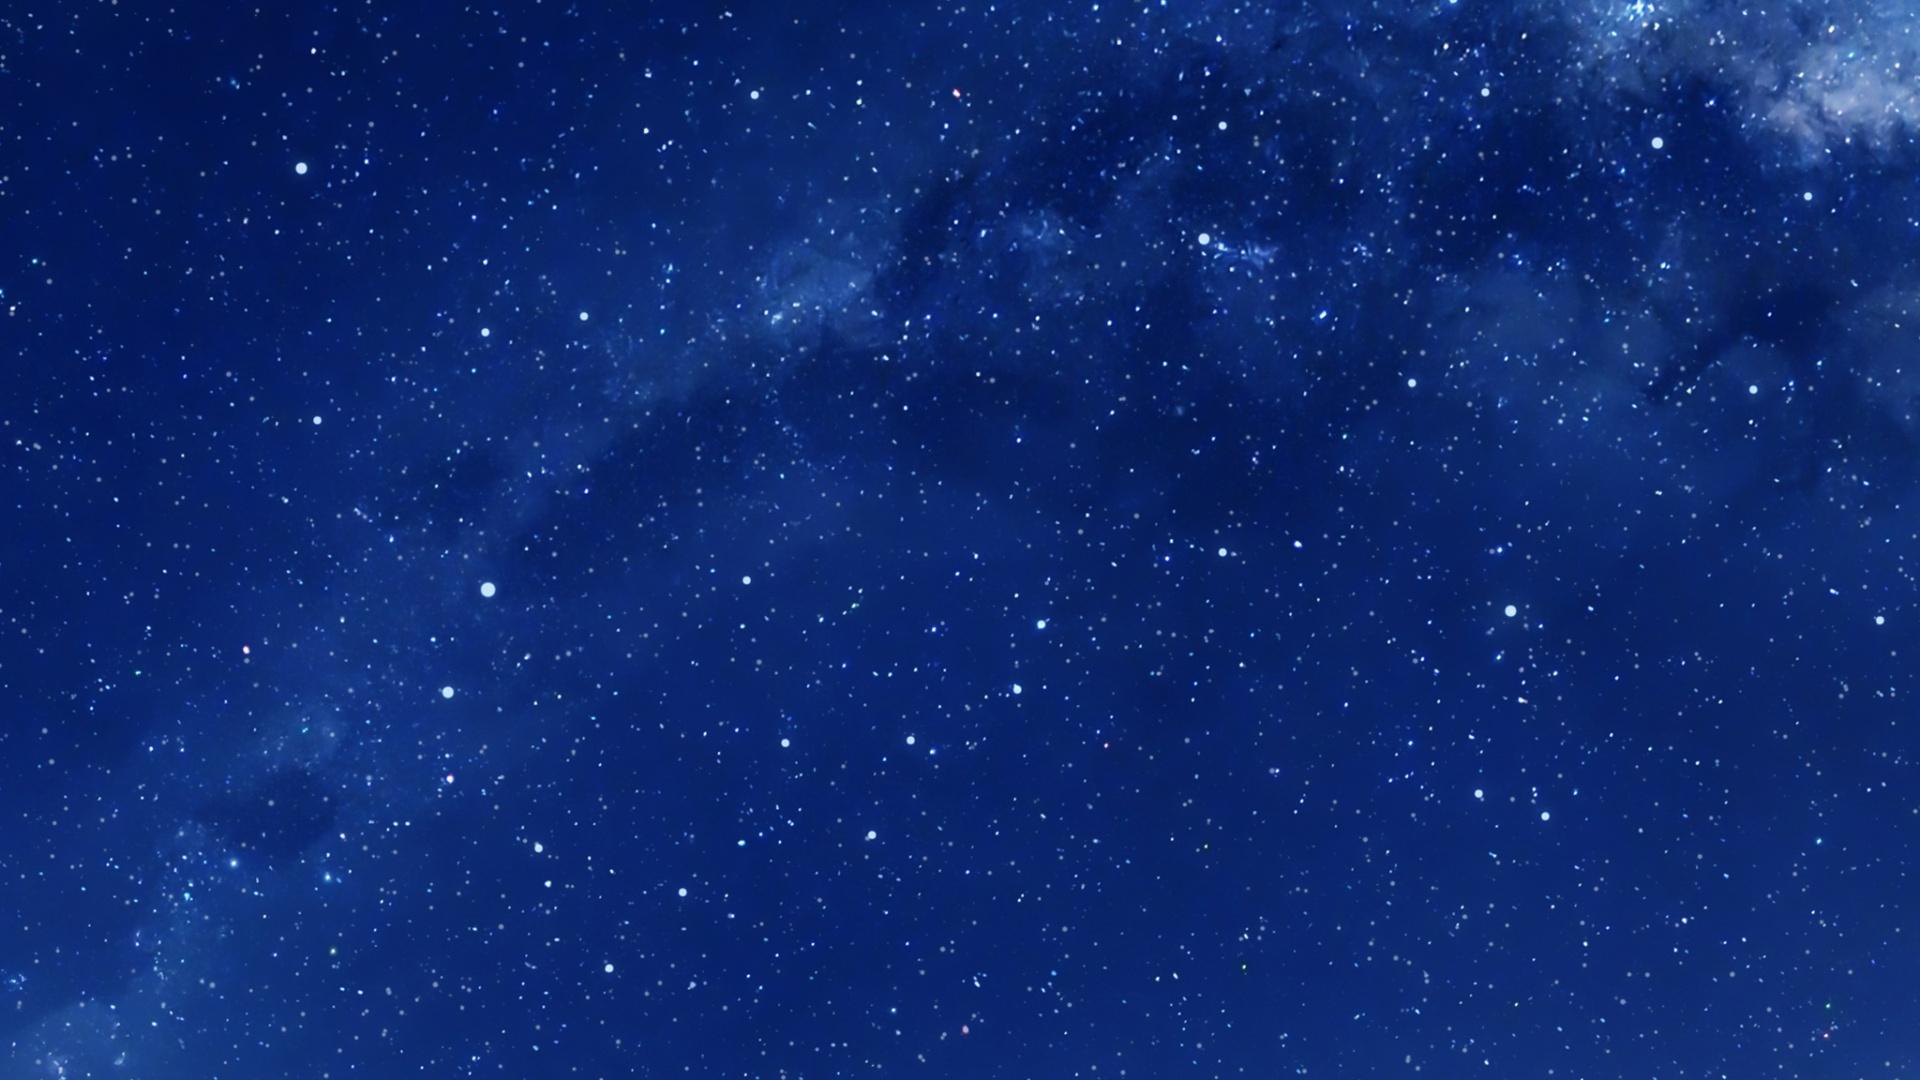 обои на рабочий стол 1366х768 hd звездное небо № 251555  скачать